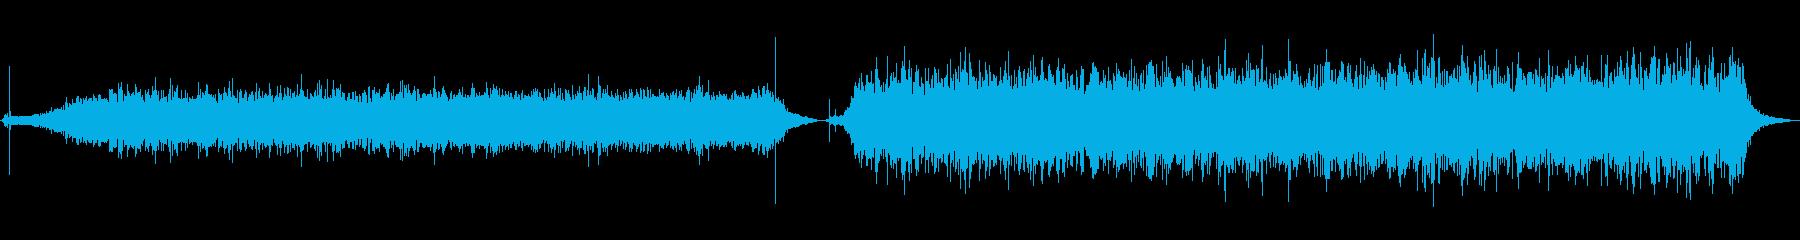 フード、クッキングアスピレーター、...の再生済みの波形